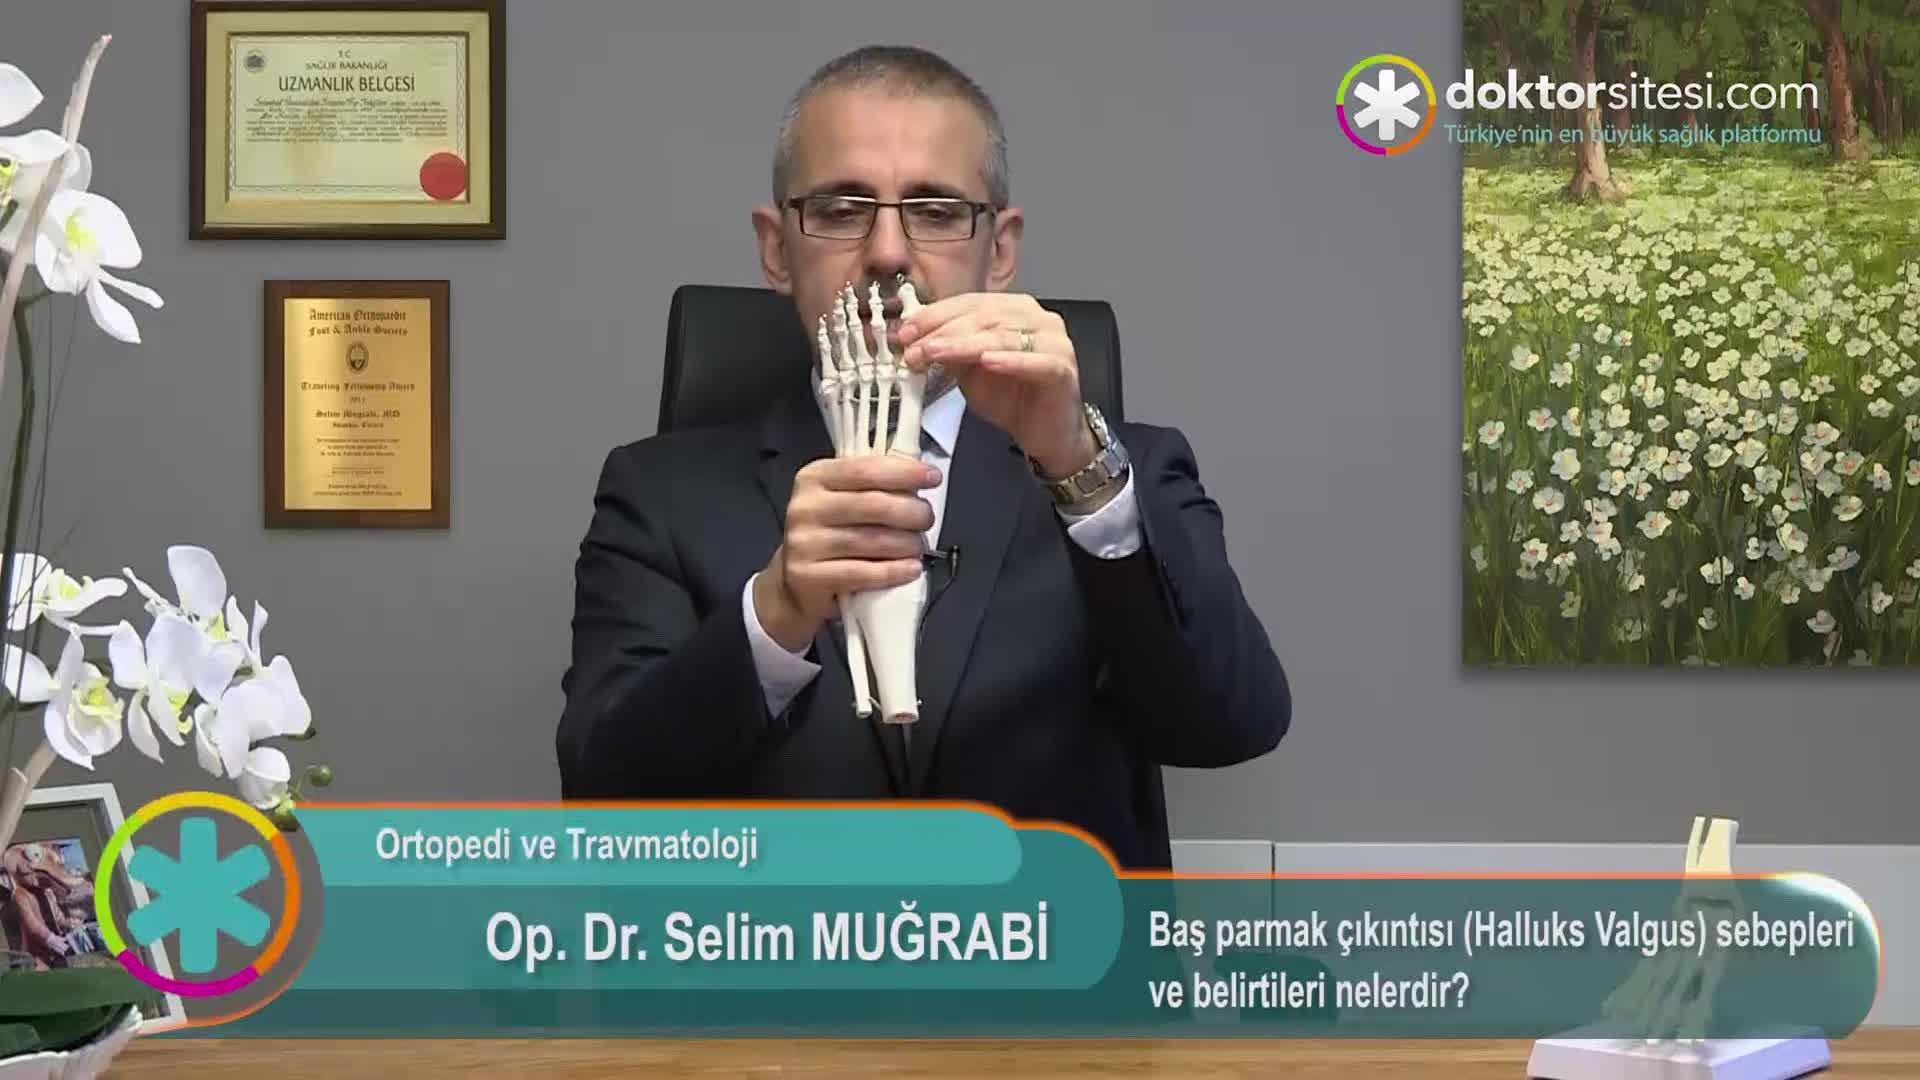 """Baş parmak çıkıntısı (Halluks Valgus) sebepleri ve belirtileri nelerdir? """"Op. Dr. SelimMUĞRABI"""""""